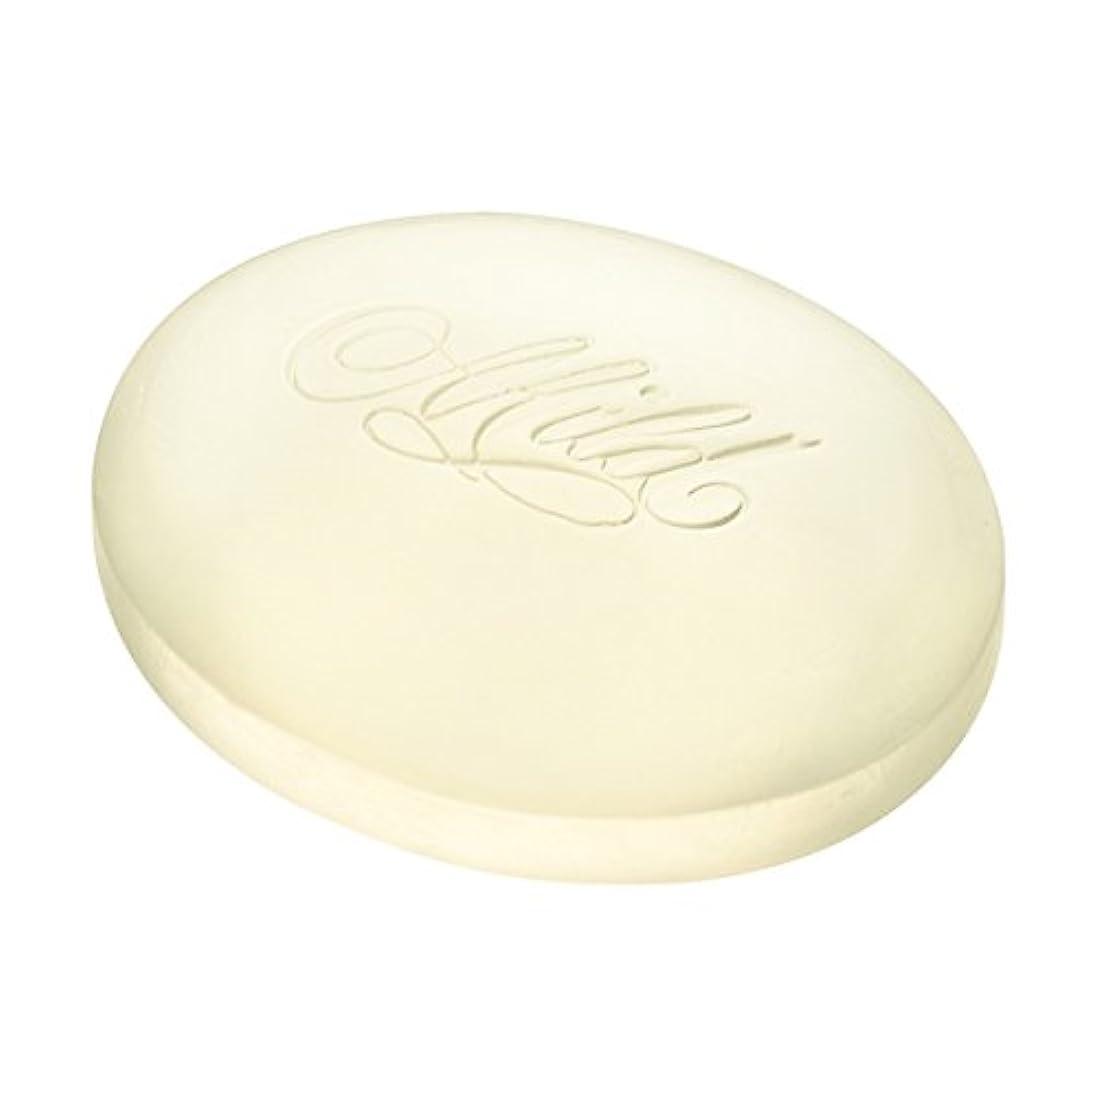 ごちそう逆に印をつける資生堂 マイルドケーキ 標準重量100g